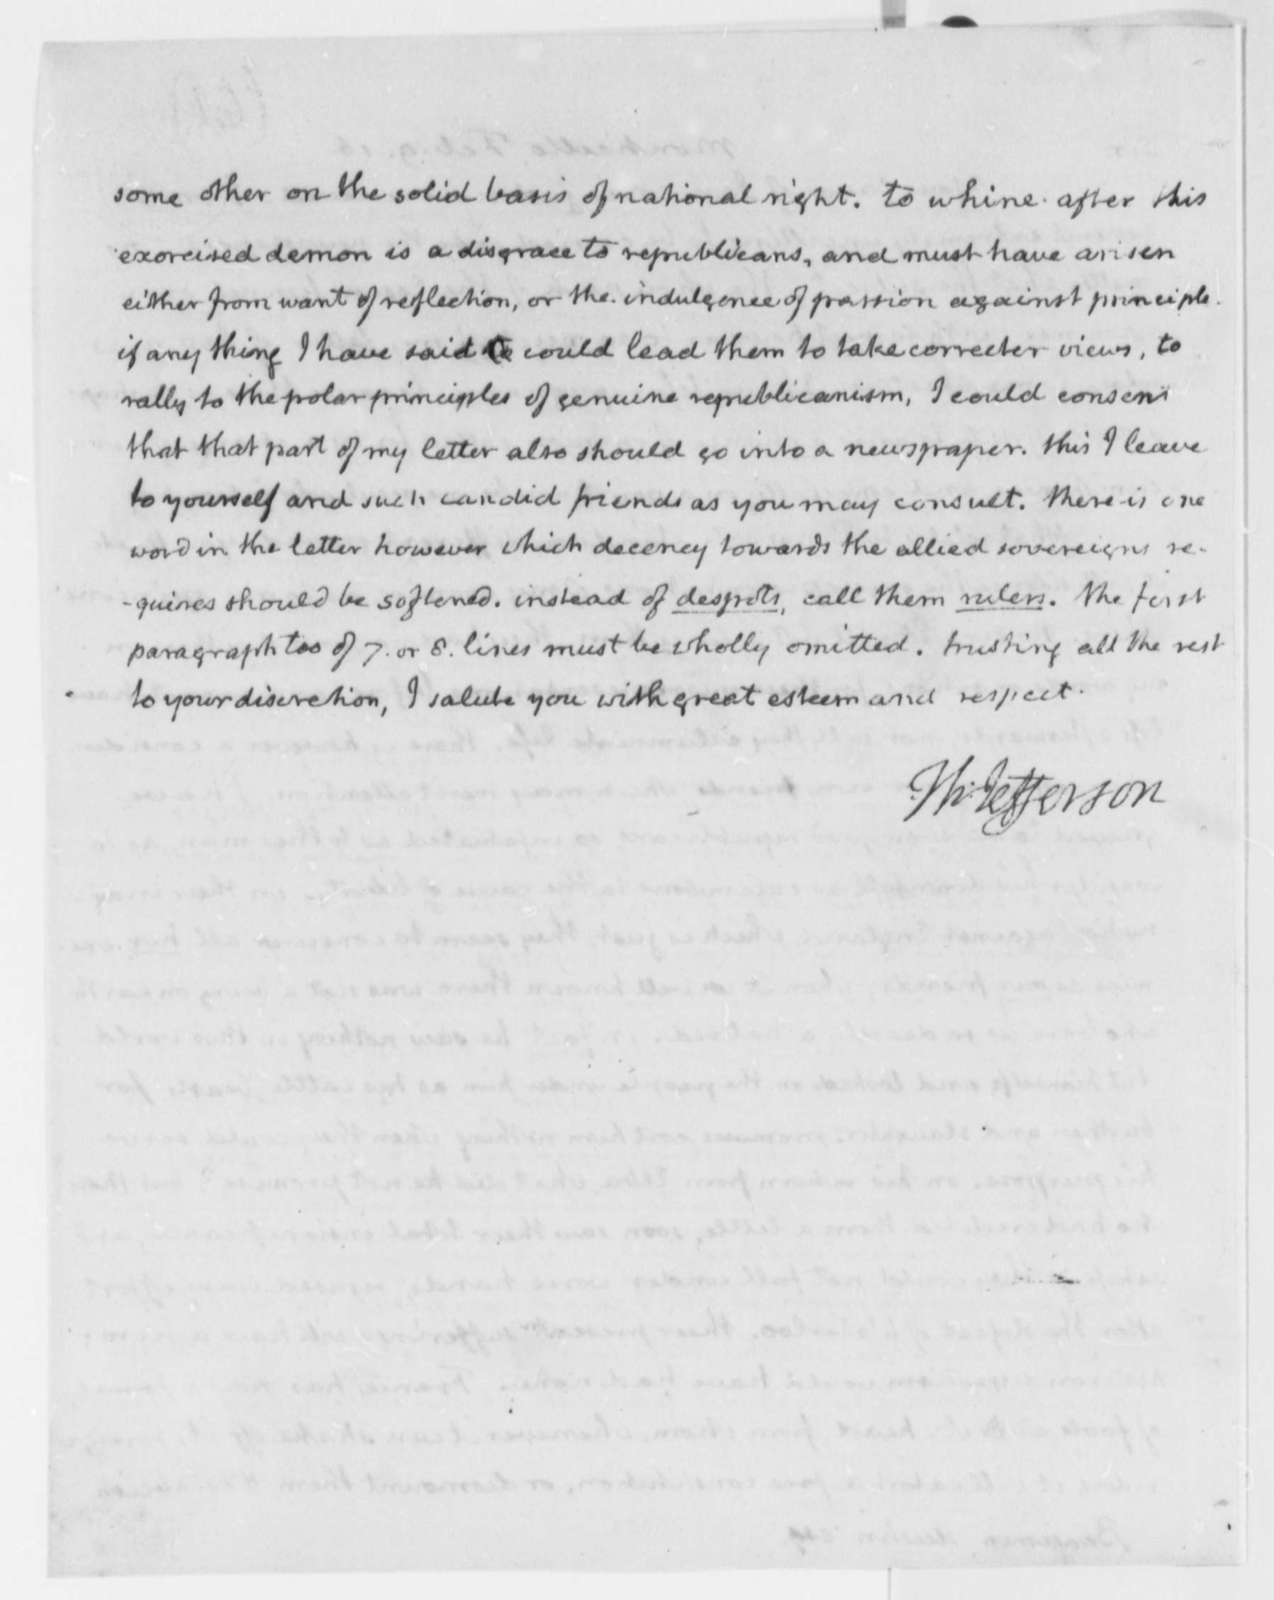 Thomas Jefferson to Benjamin Austin, February 9, 1816